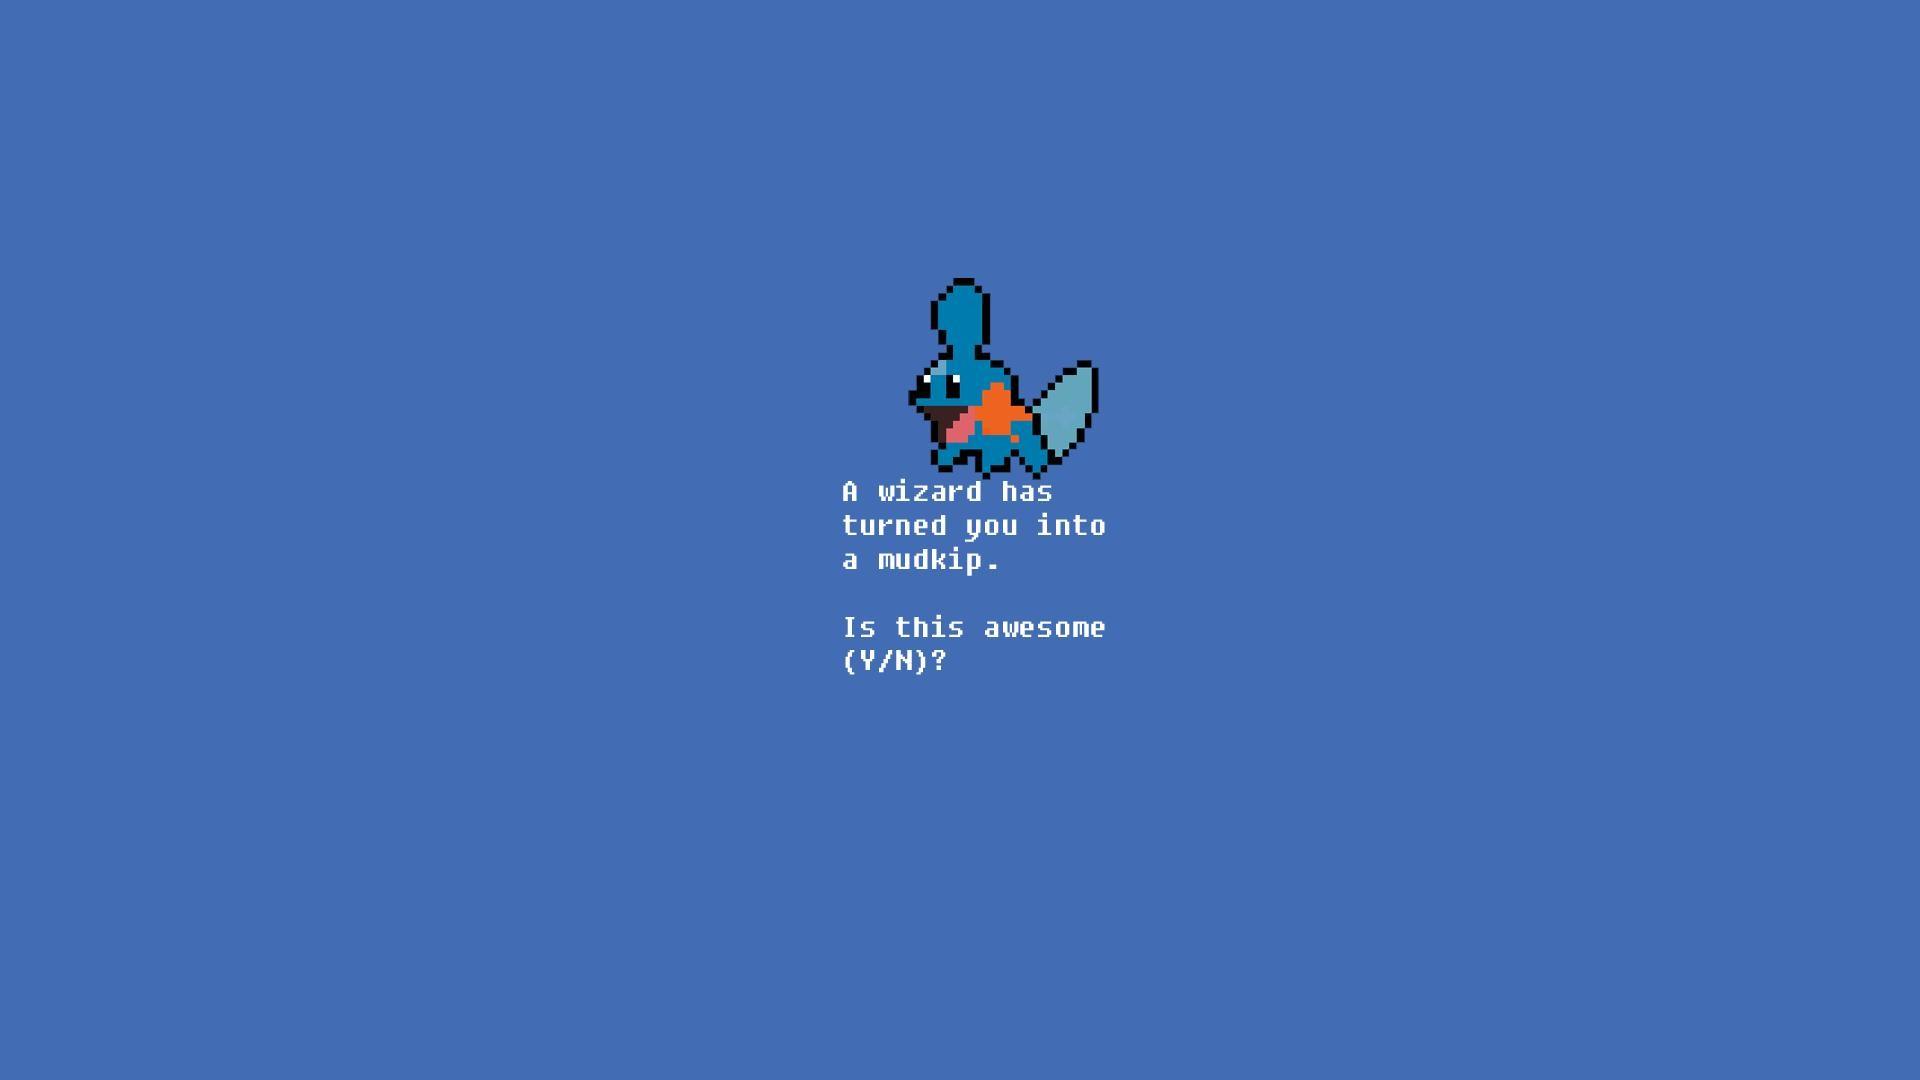 8-bit Mudskip Pokemon Wallpaper